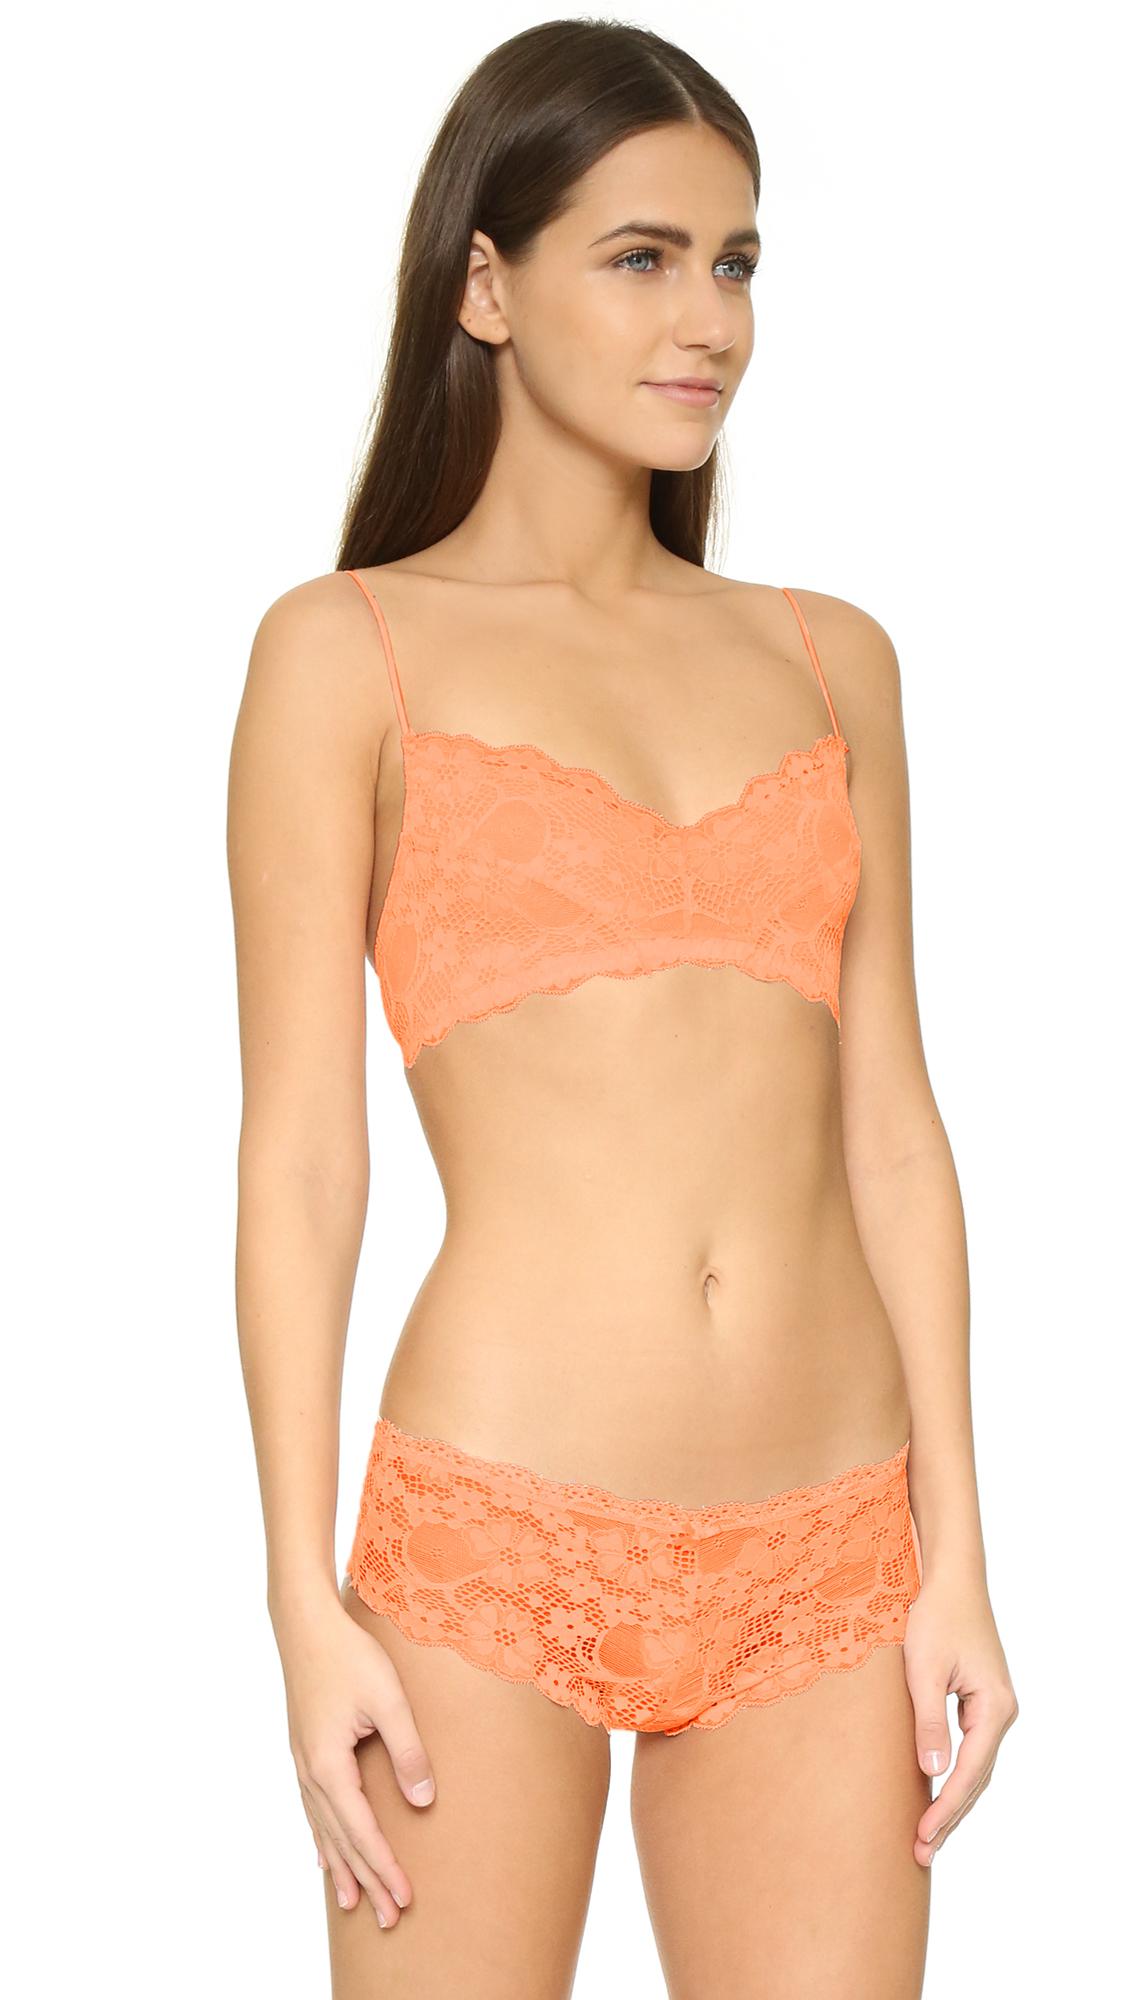 176b3ddf7e Lyst - Honeydew Intimates A Getaway Camellia Lace Bralette in Orange